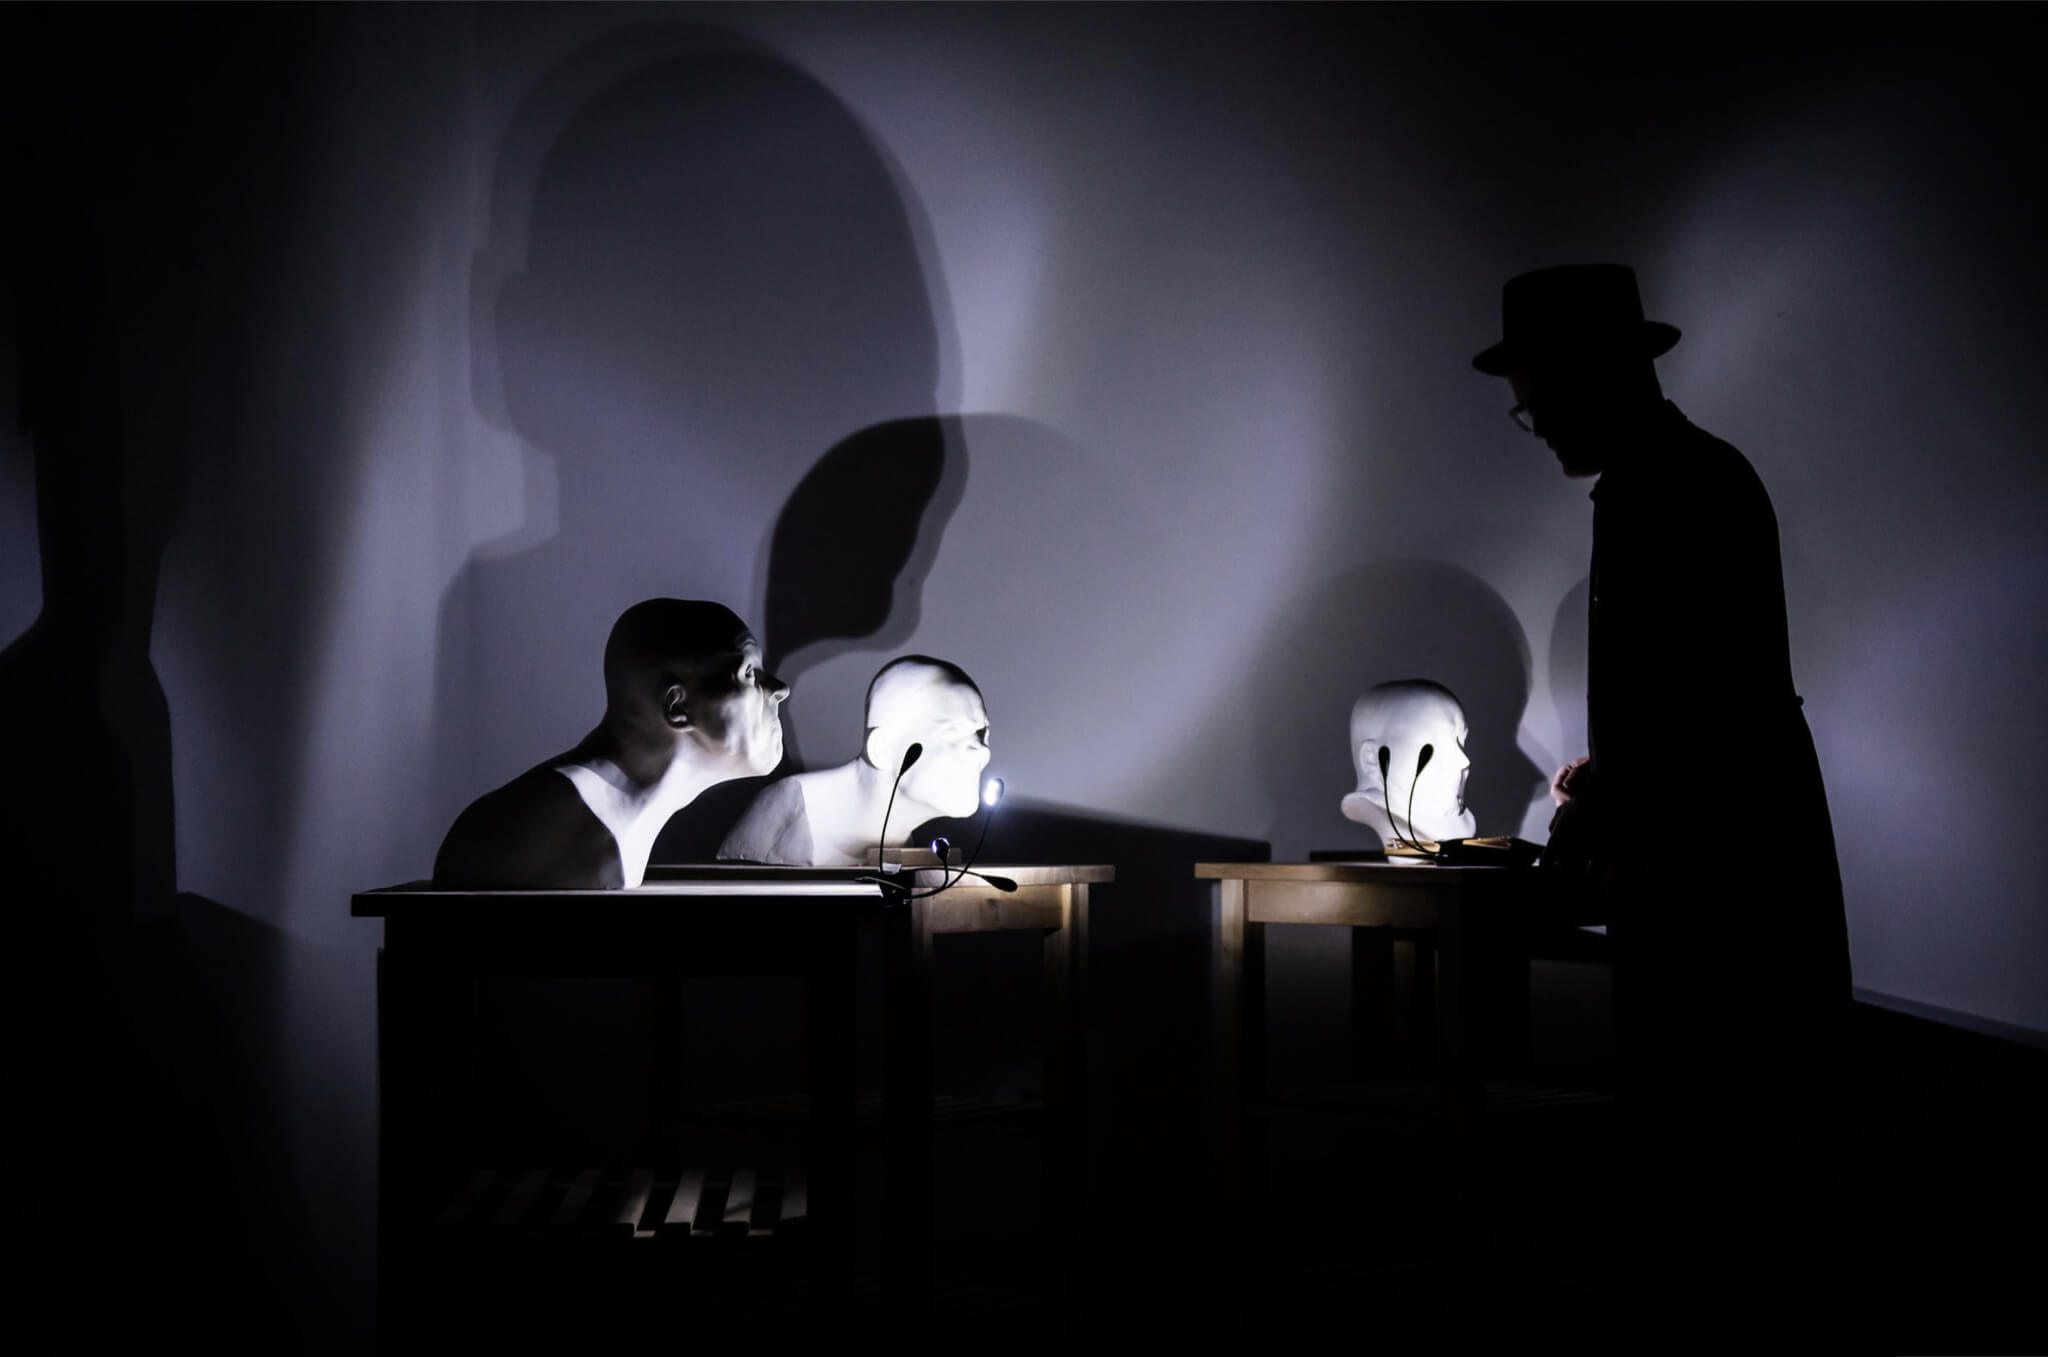 Se světlem, potažmo pak stínem, se skvěle pracuje například při focení divadla | Divadlo Ludus, Frankenschwein24 | Foto Igor Stančík